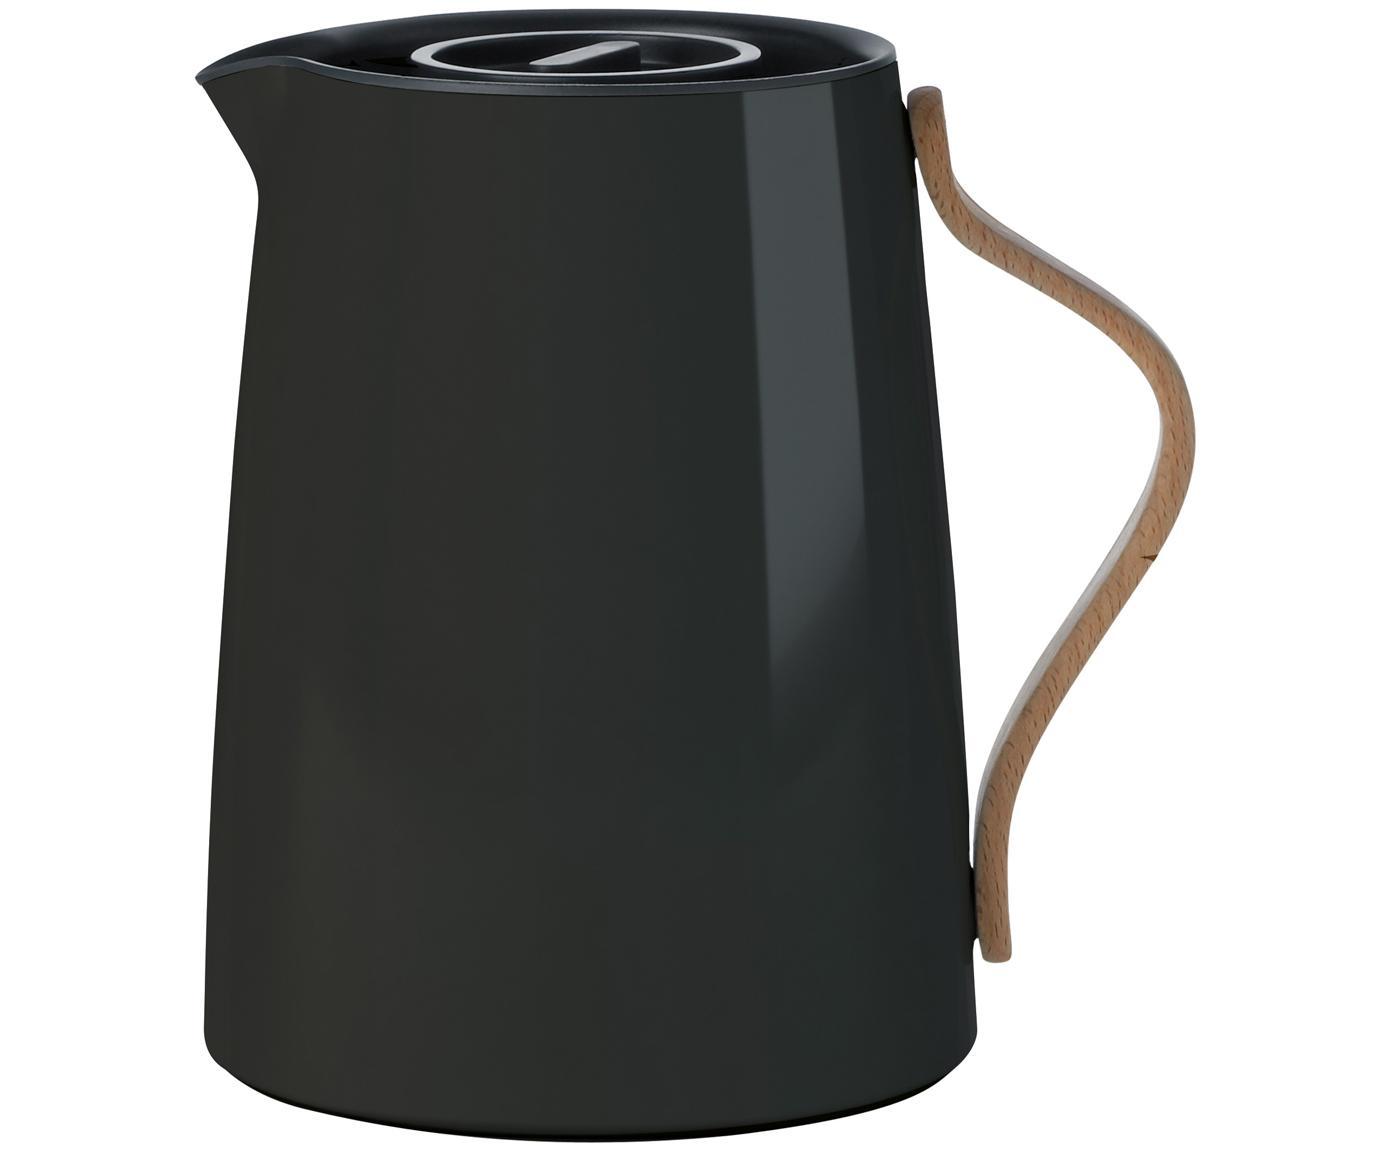 Teezubereiter Emma in Schwarz glänzend, Korpus: Stahl, Beschichtung: Emaille, Griff: Buchenholz, Schwarz, 1 l